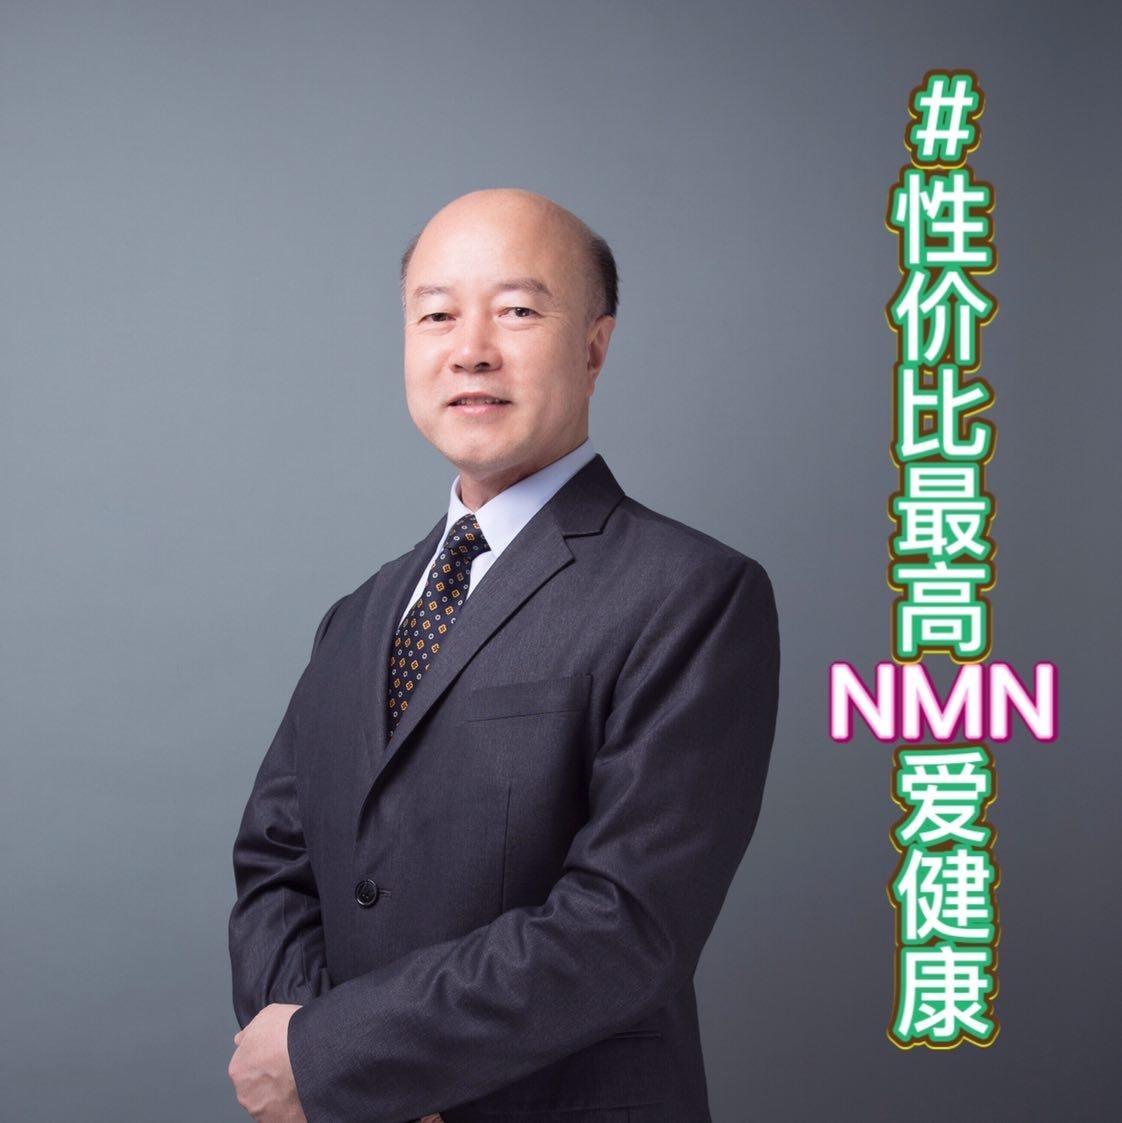 iHealth爱健康NMN